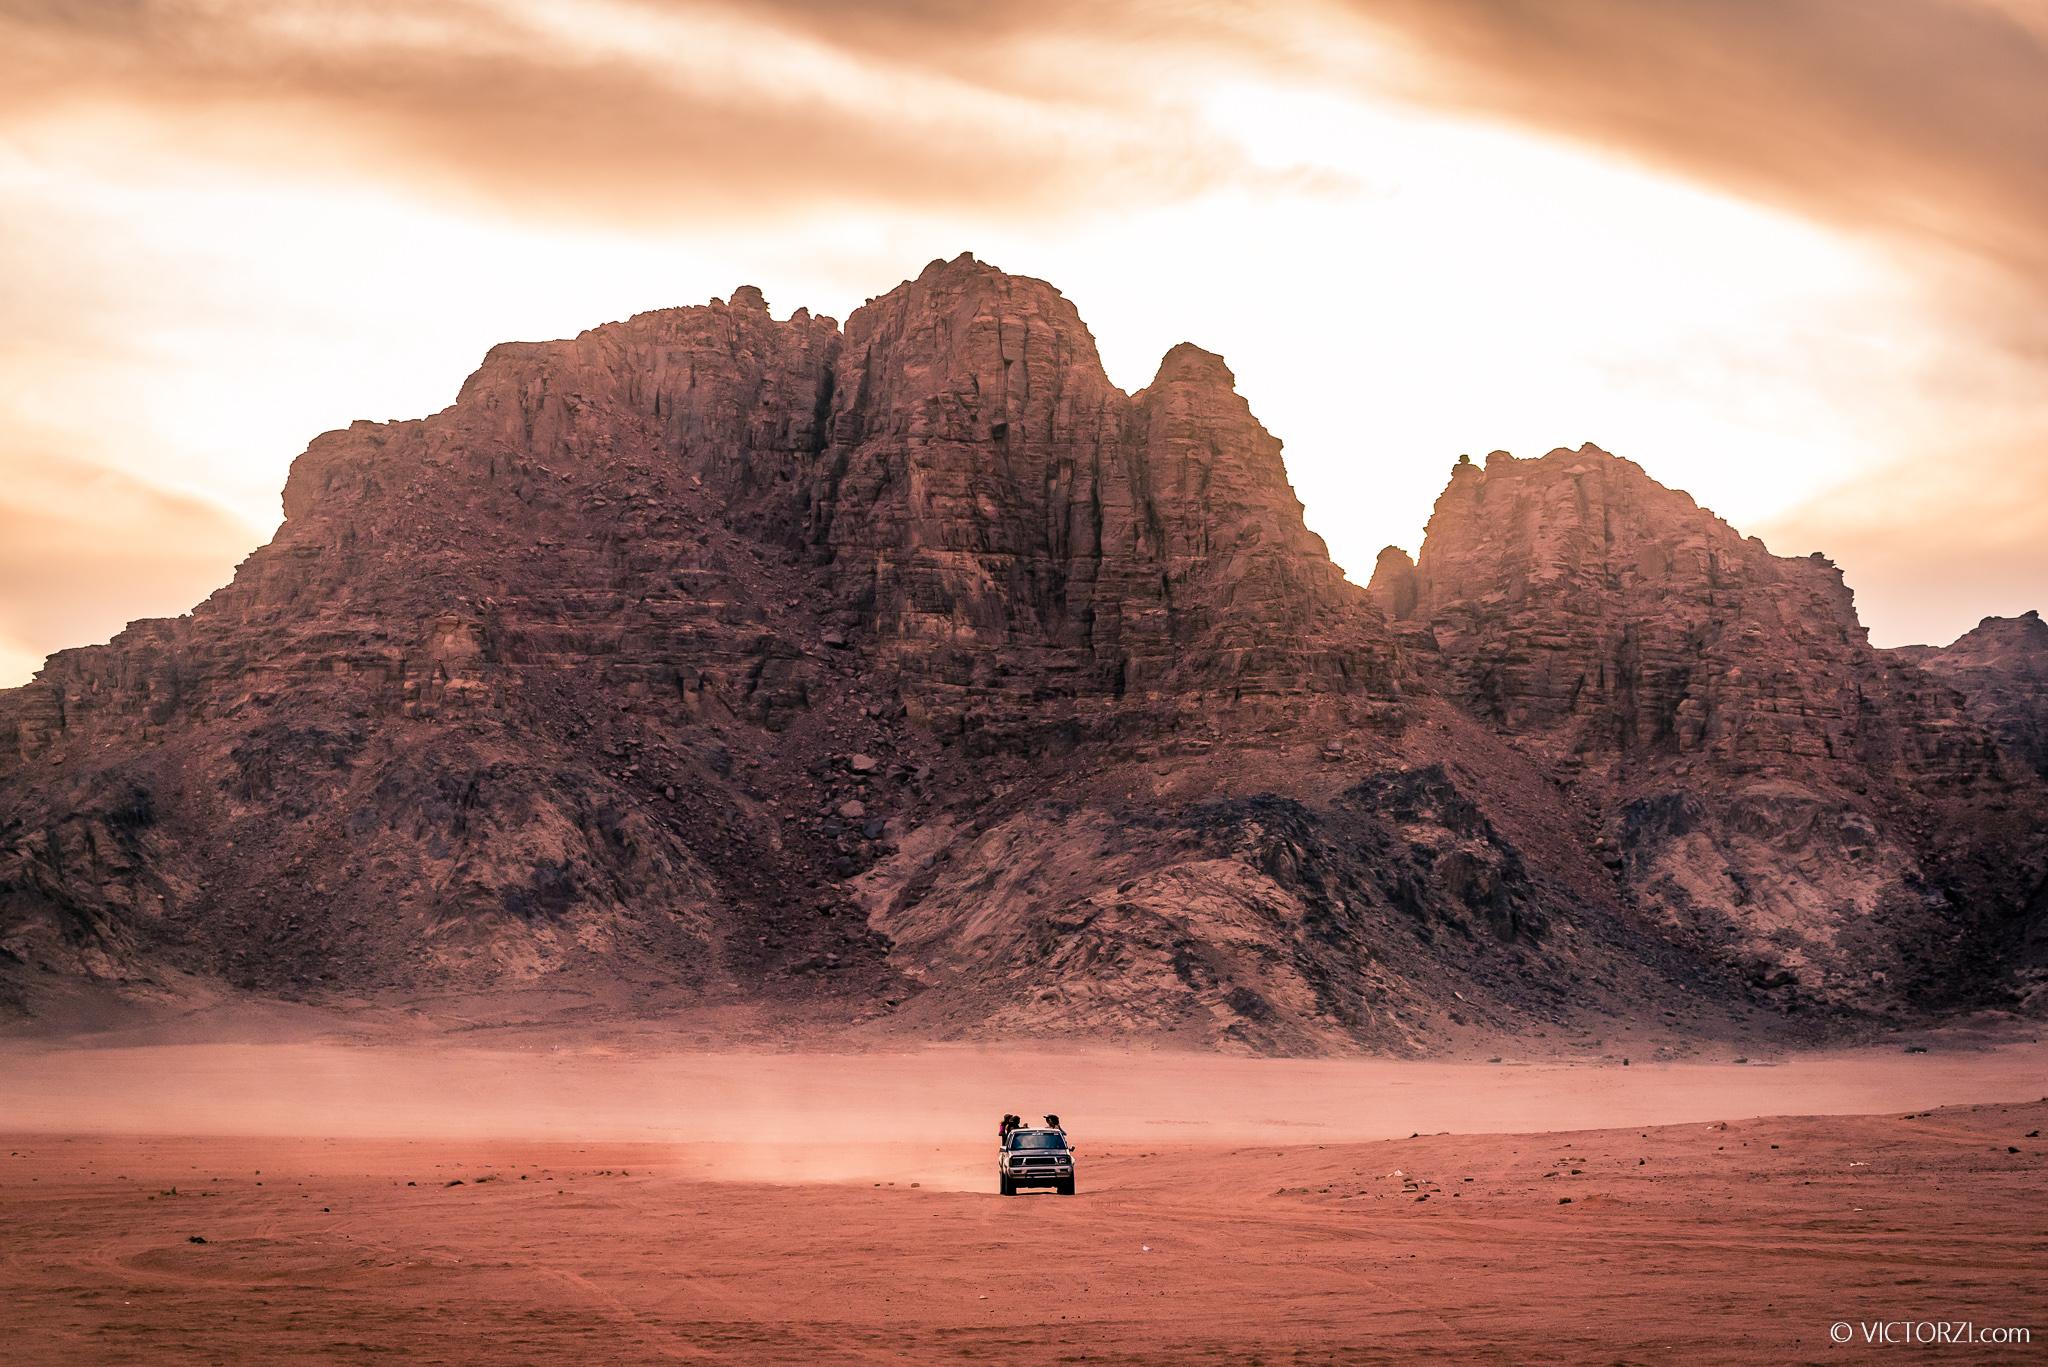 20190505 - Jordan Trip - 1759